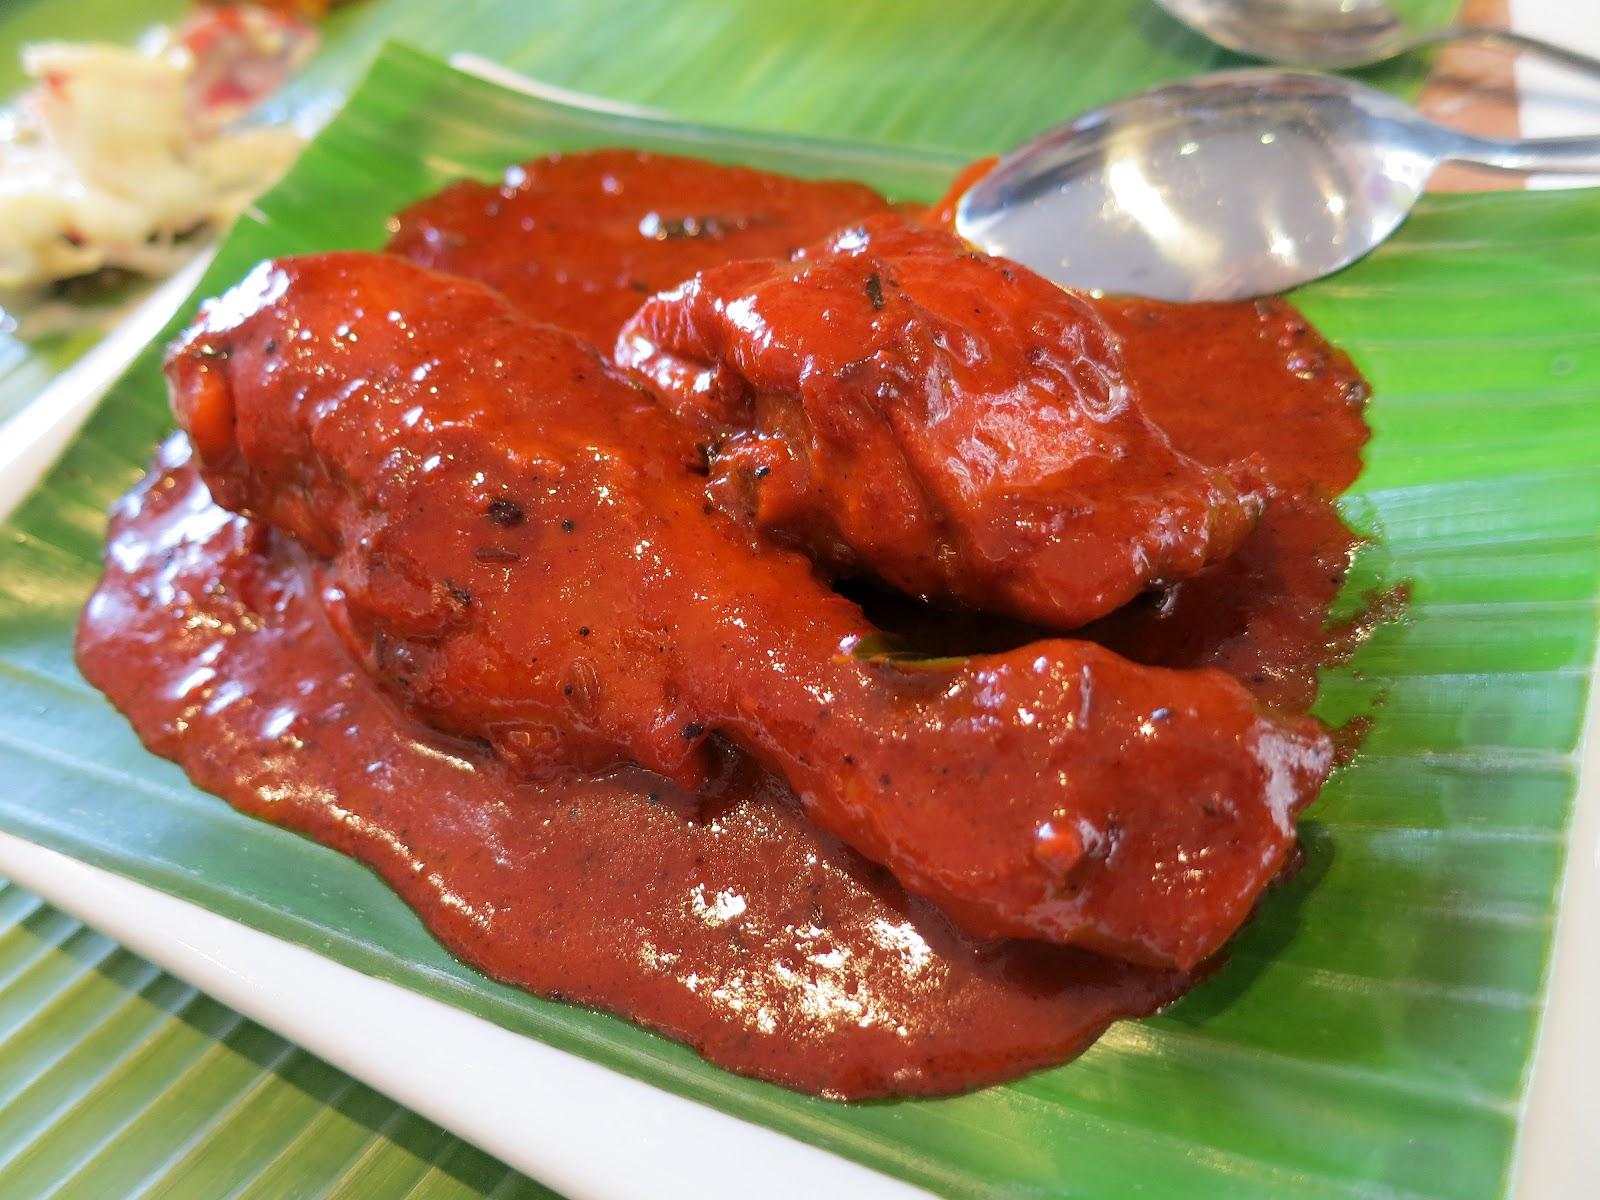 7 spice indian cuisine at danga bay johor bahru malaysia